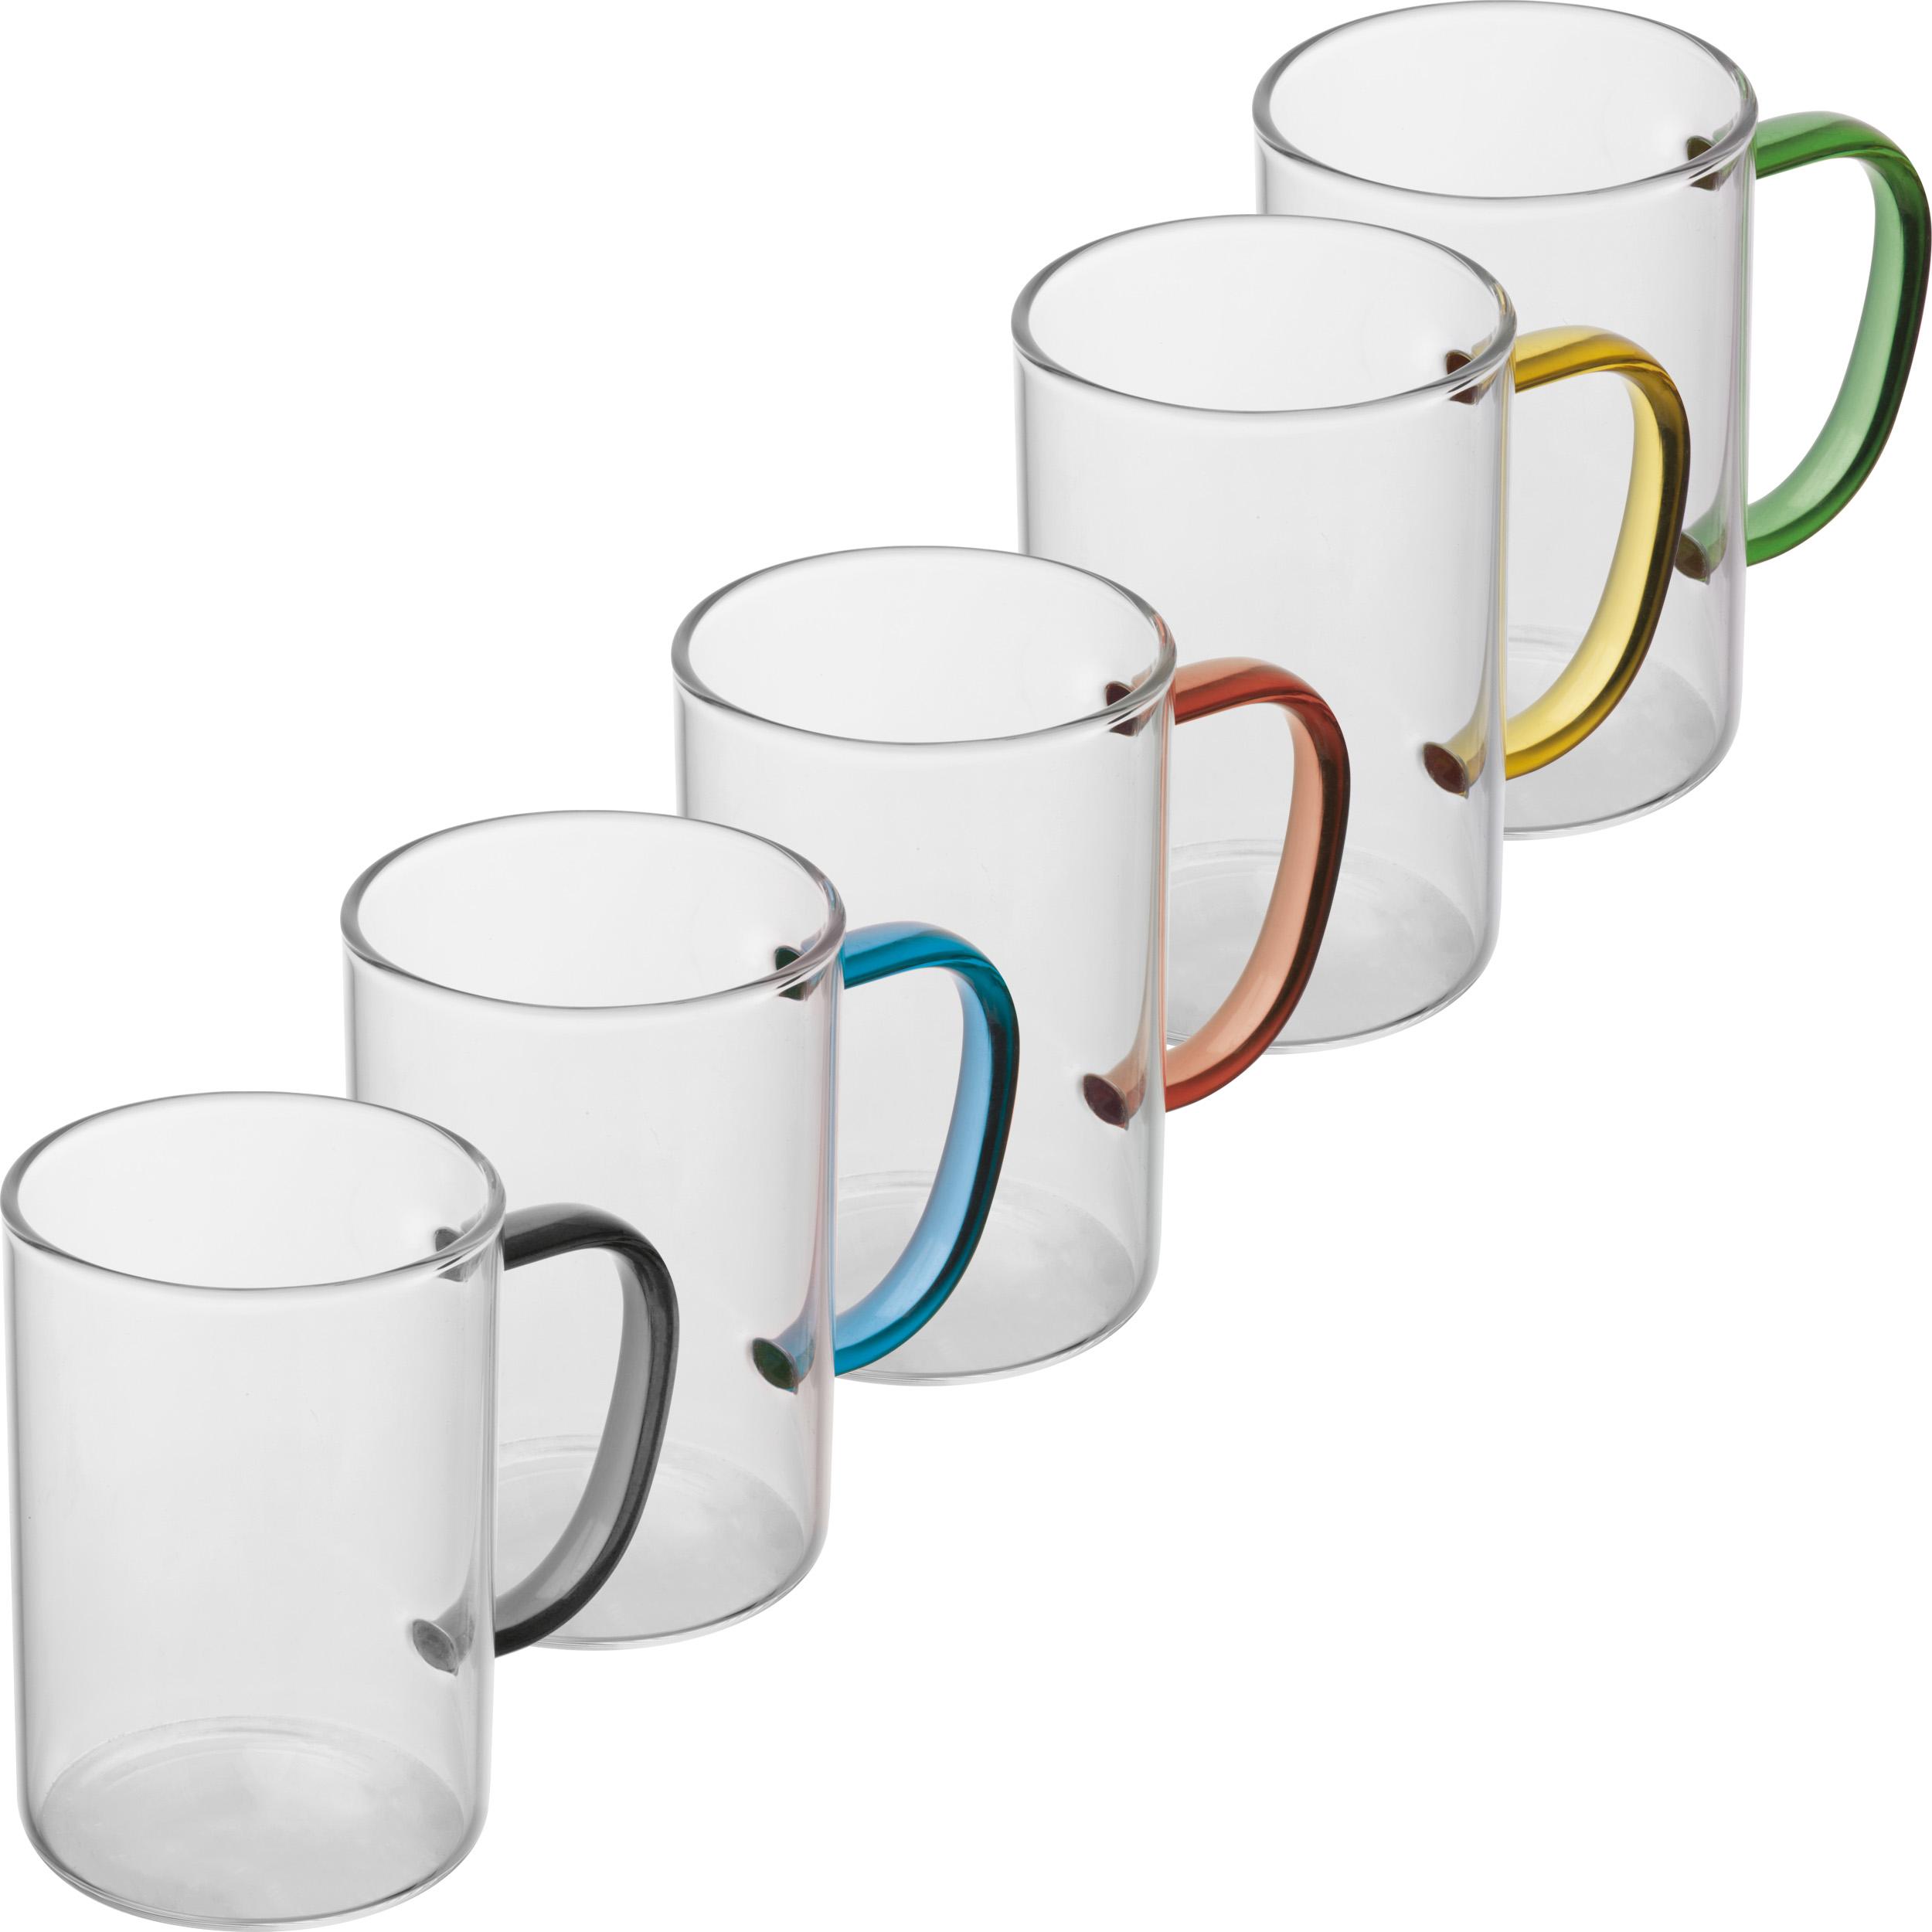 Glass Mug with colored Handle